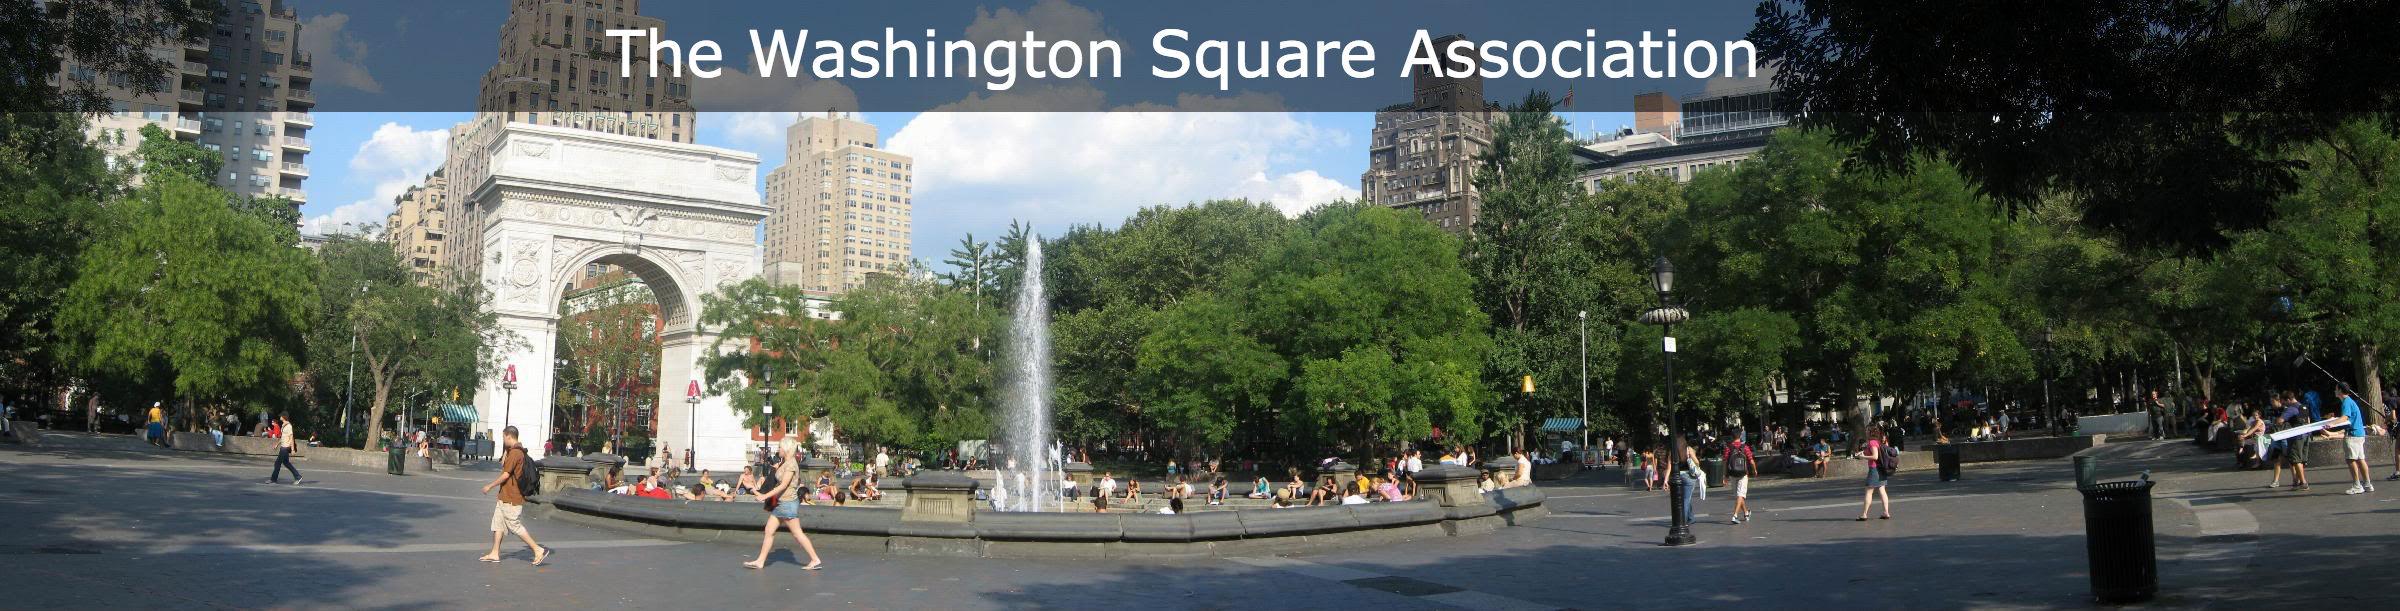 Washington Square Park Veranstaltungen